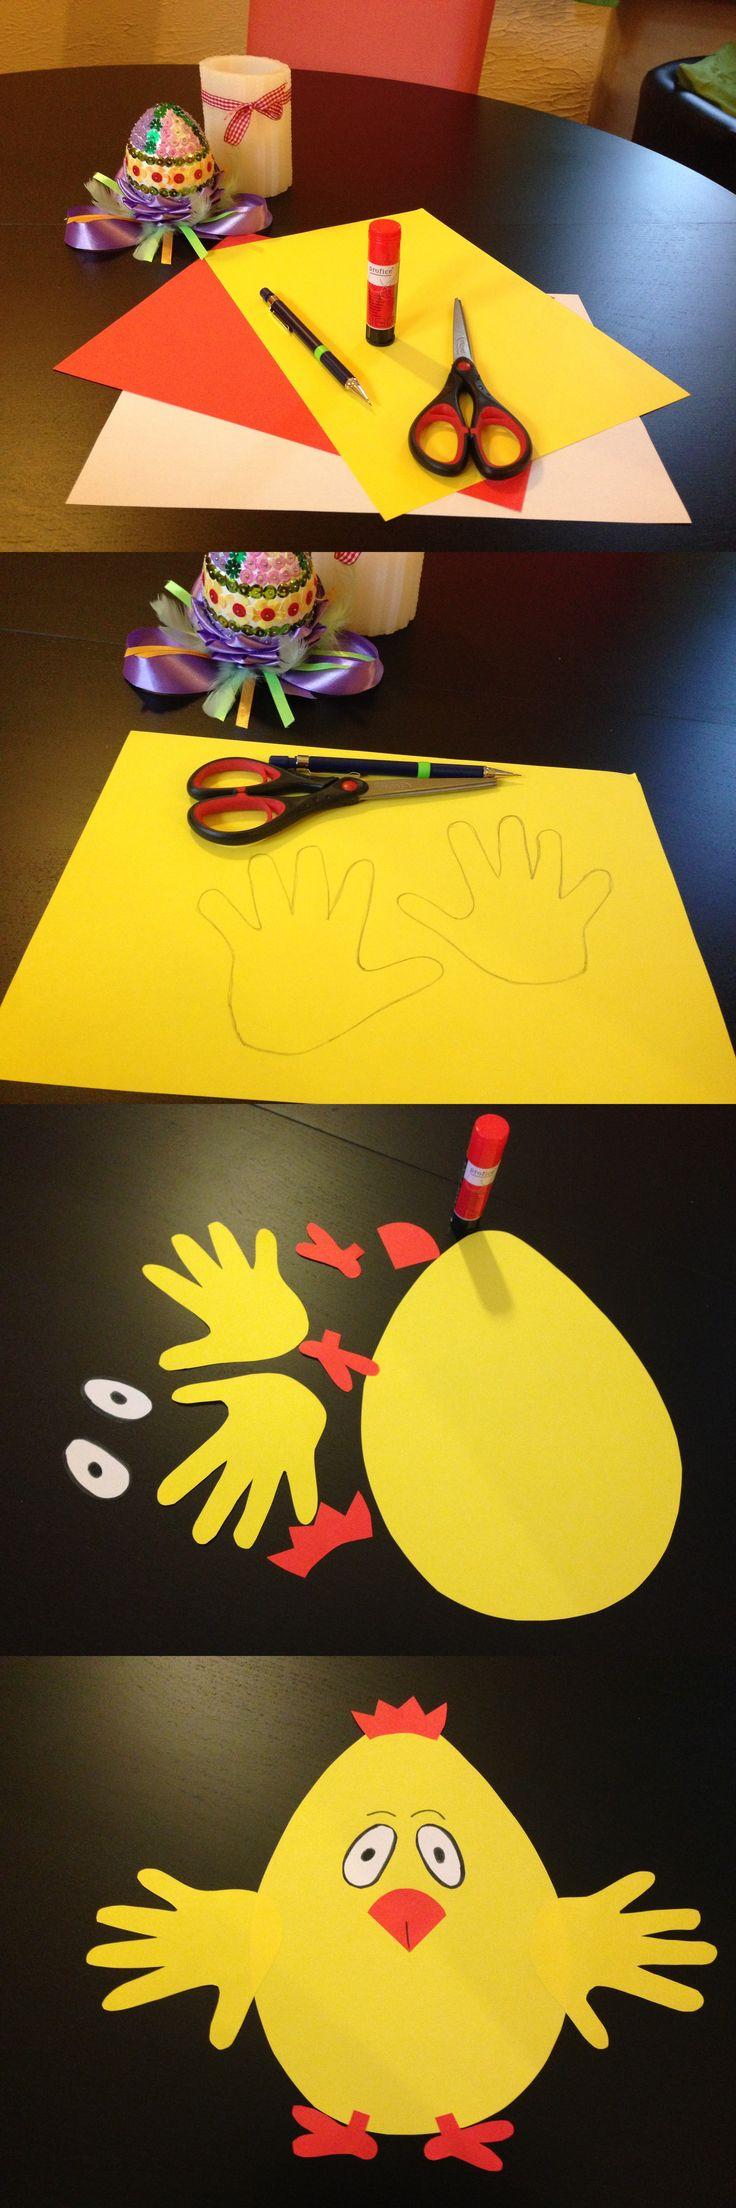 """Uroczy kurczaczek z """"odciskiem"""" dłoni dziecka na pewno ucieszy dziadków. Nie wymaga dużo pracy i cierpliwości, można zrobić go nawet z maluszkami."""